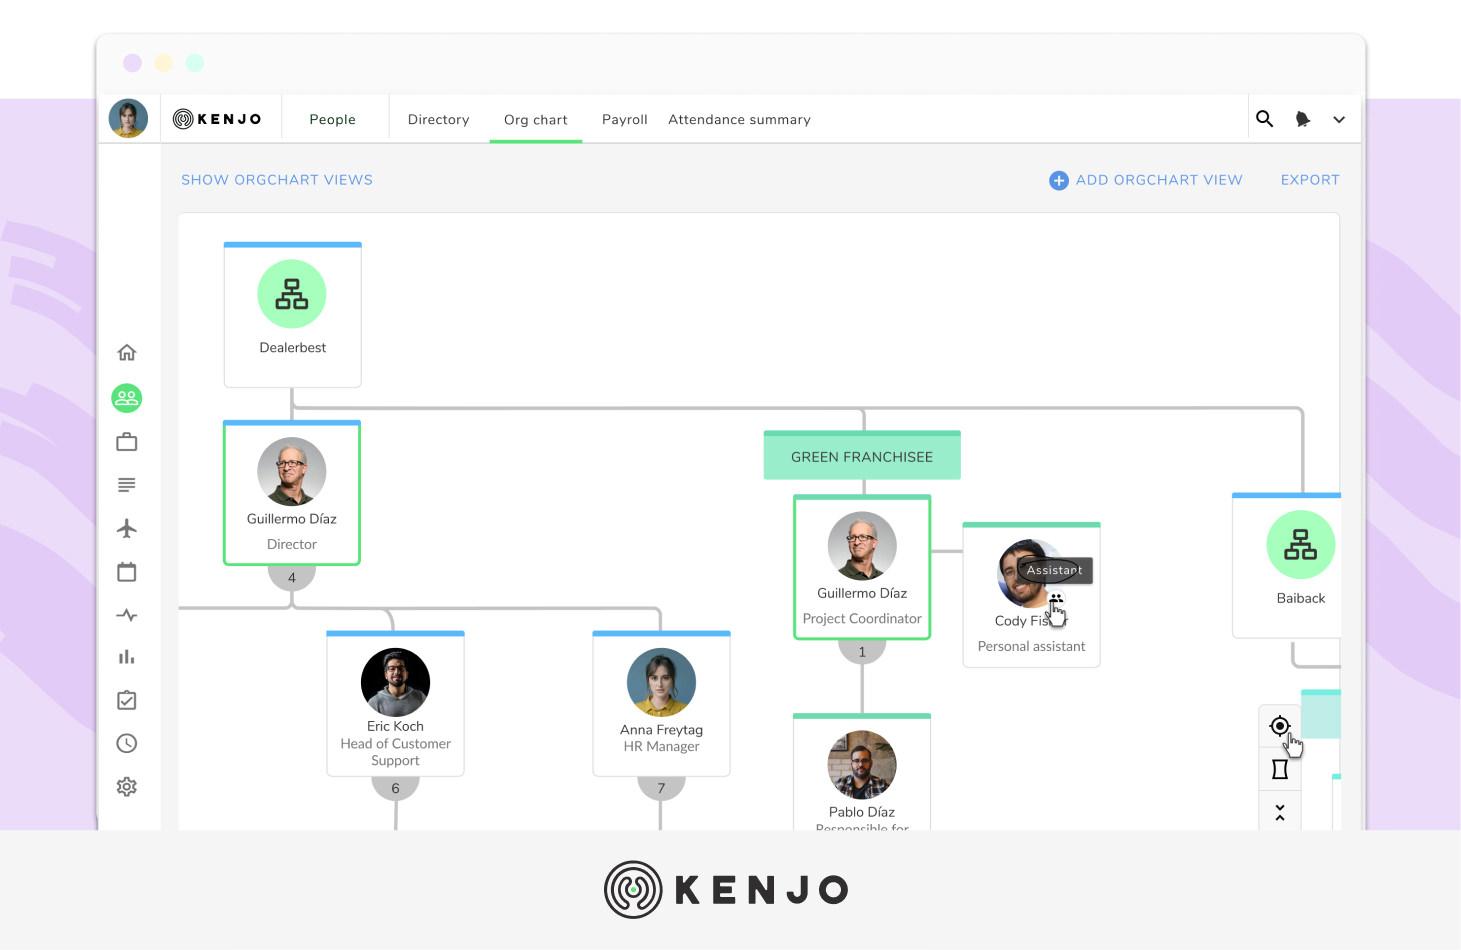 portal del empleado de Kenjo